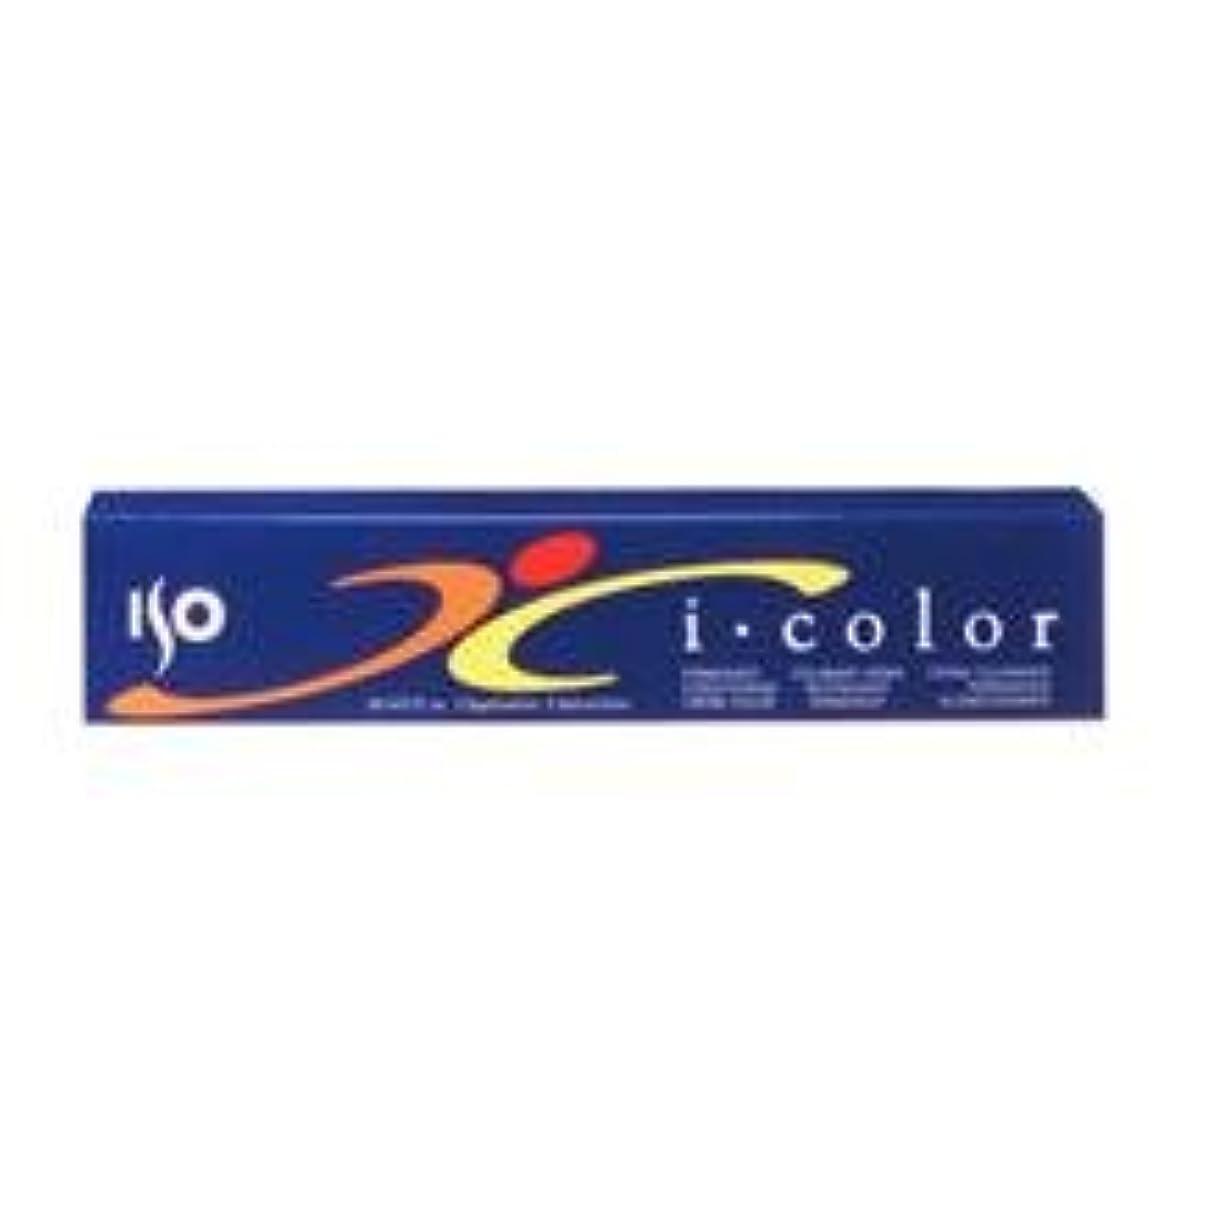 調整可能岩ヤギIso Hair 磯I色40ボリュームクリームの開発者 - 8.5オンス 8.5オンス